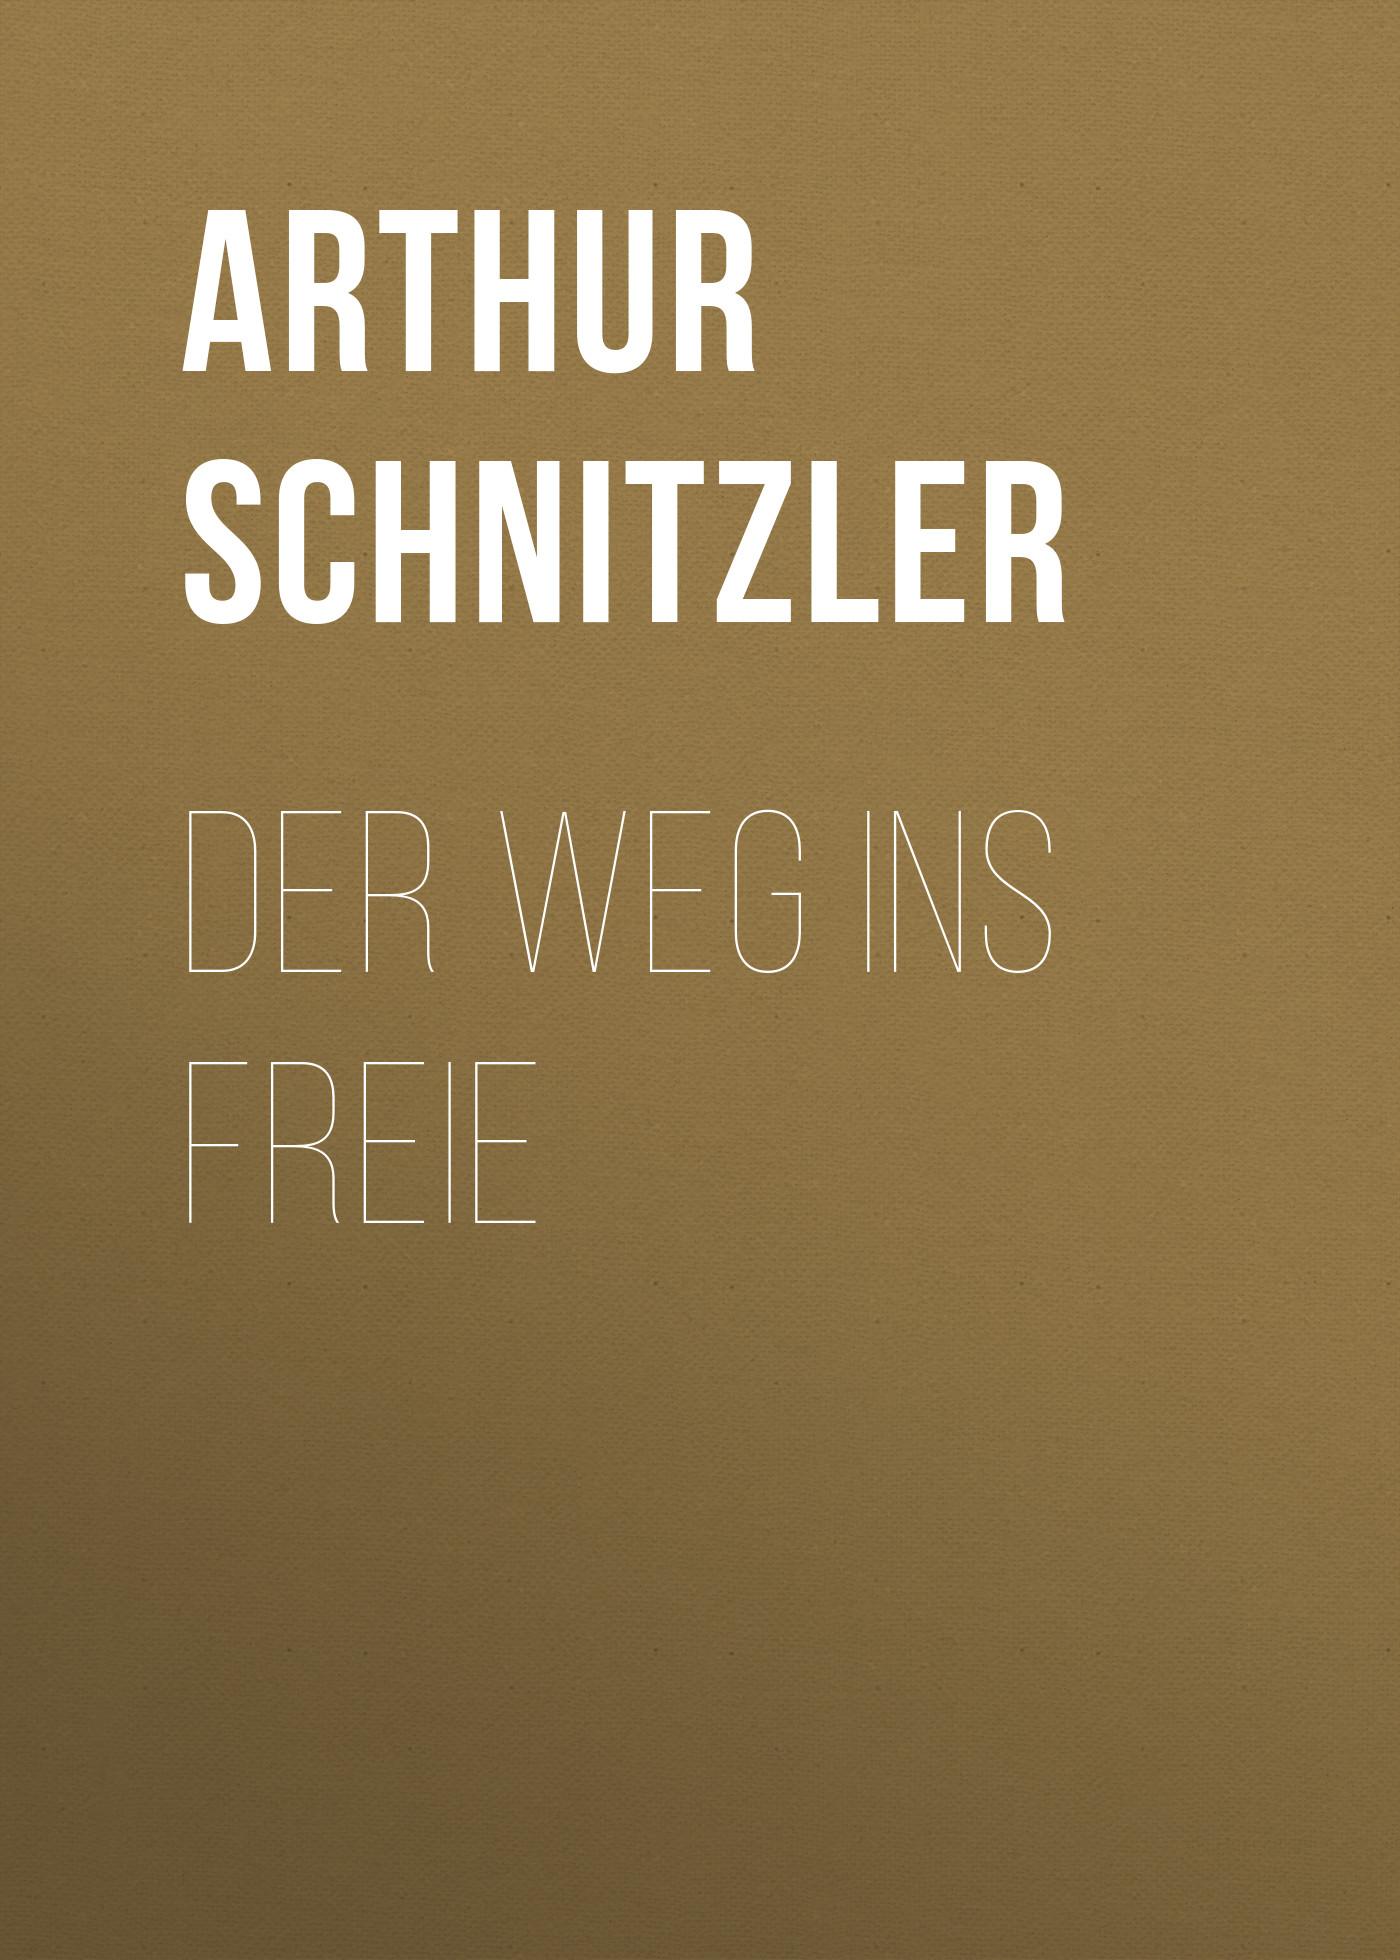 Arthur Schnitzler Der Weg ins Freie